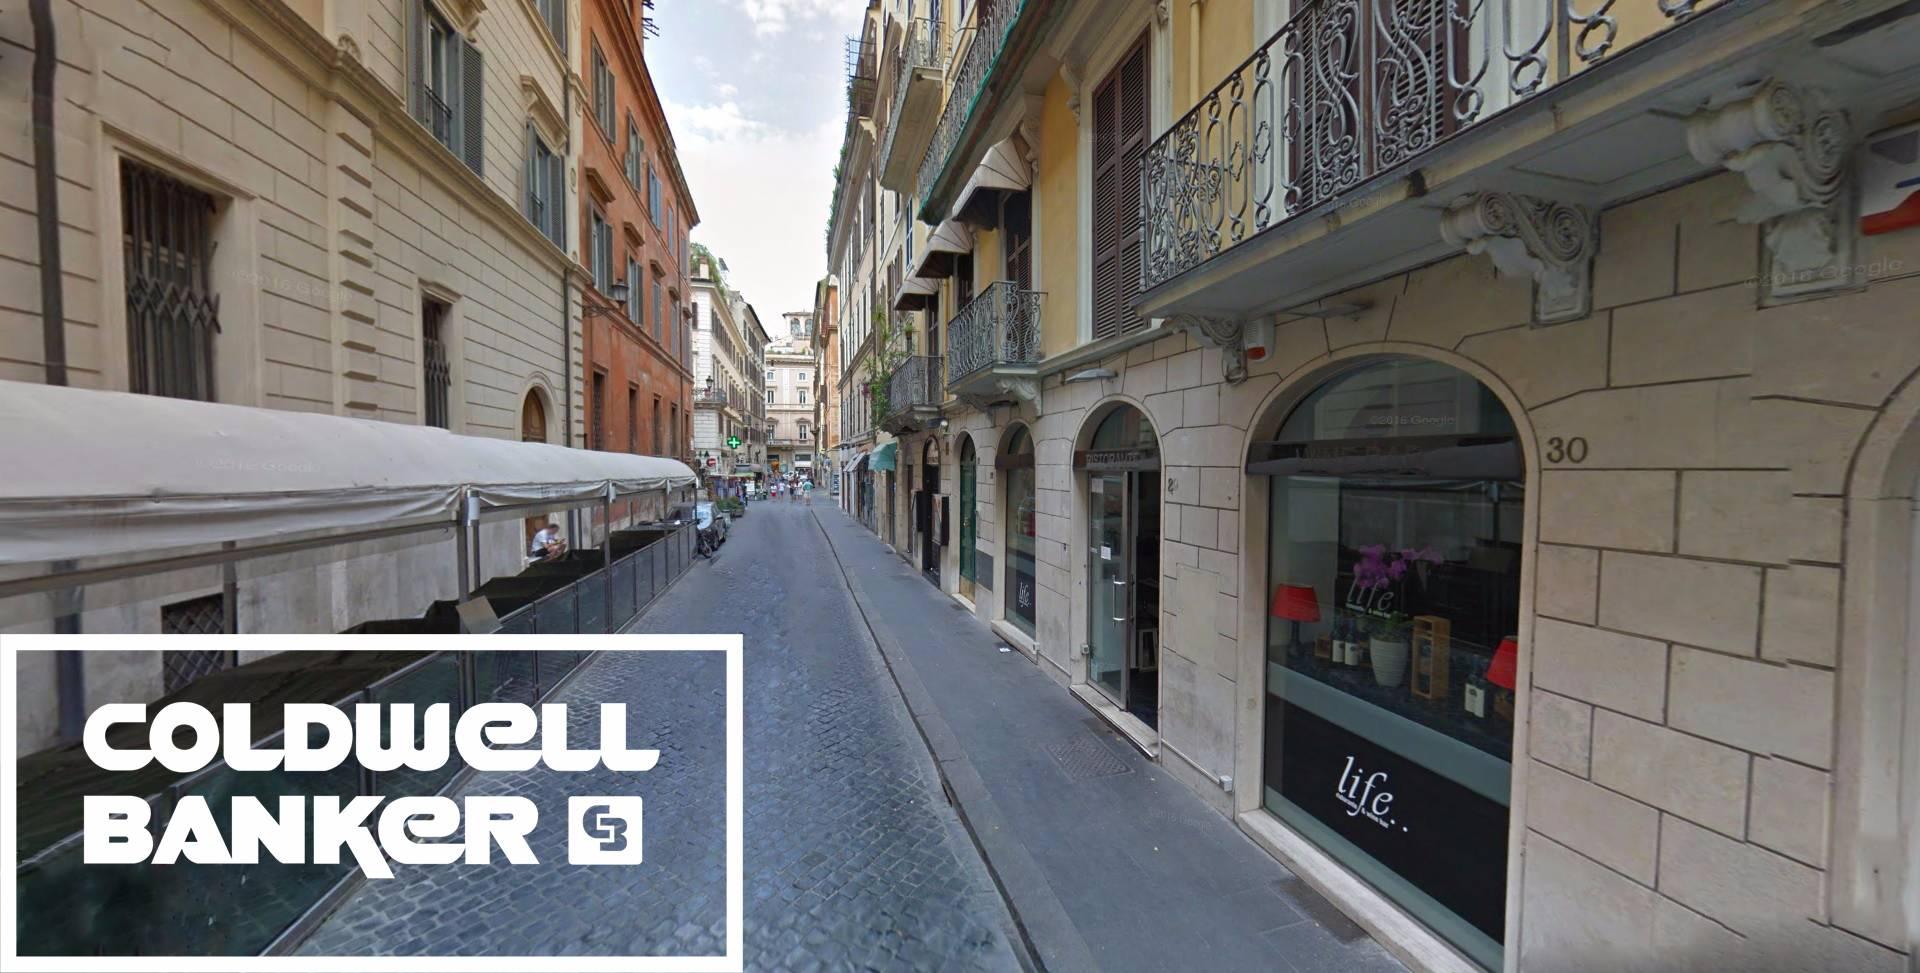 Cbi072 ex680 appartamento in vendita a roma centro for Vendita appartamenti centro storico roma